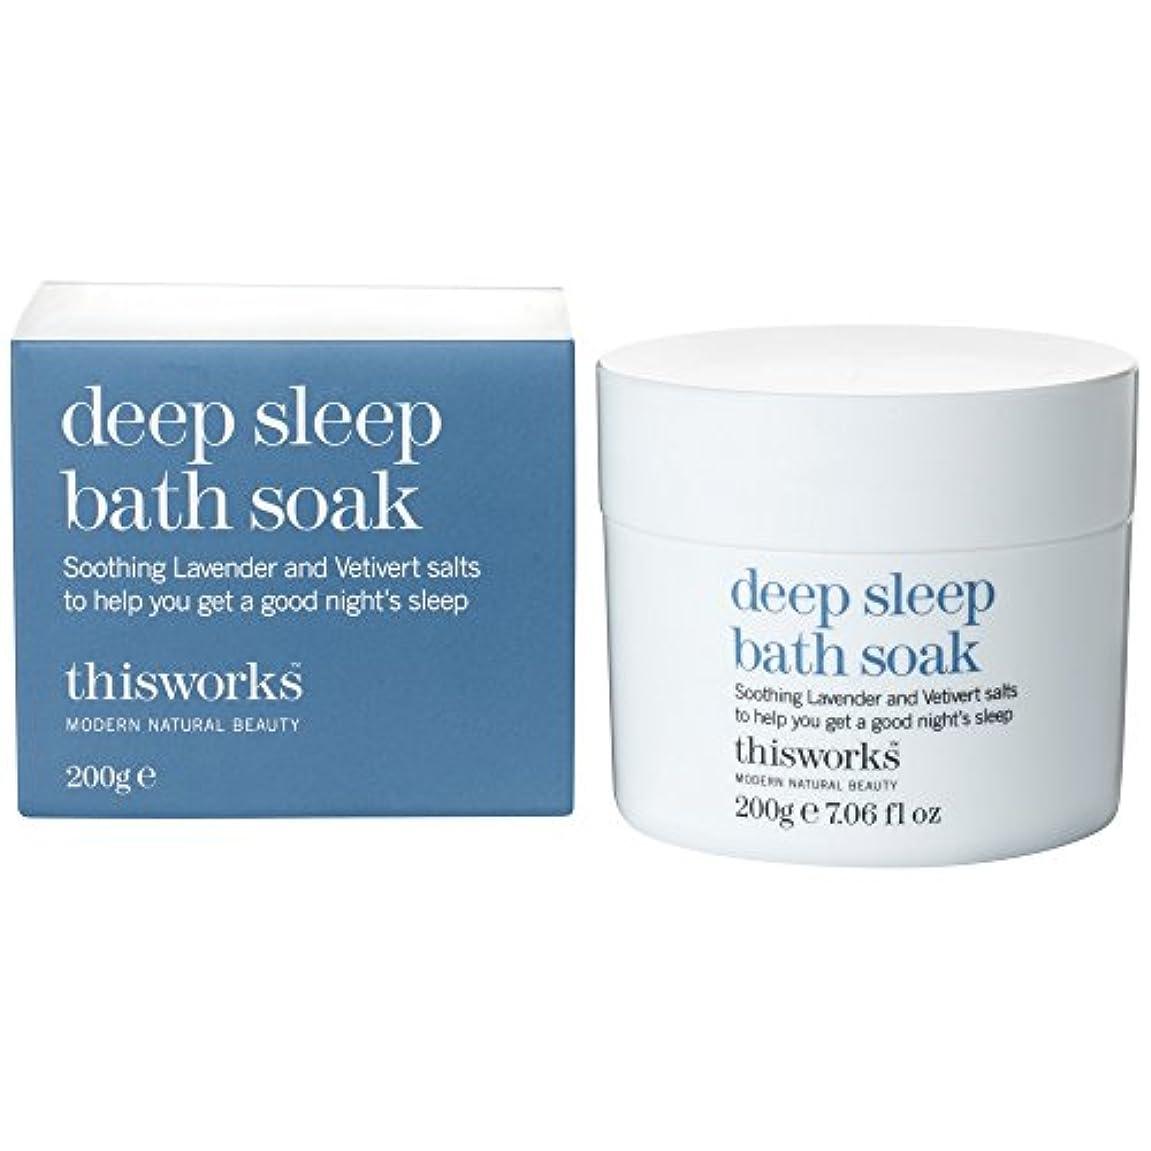 売上高パールメドレーこれは、深い眠り浴が200グラムを浸す働きます (This Works) - This Works Deep Sleep Bath Soak 200g [並行輸入品]